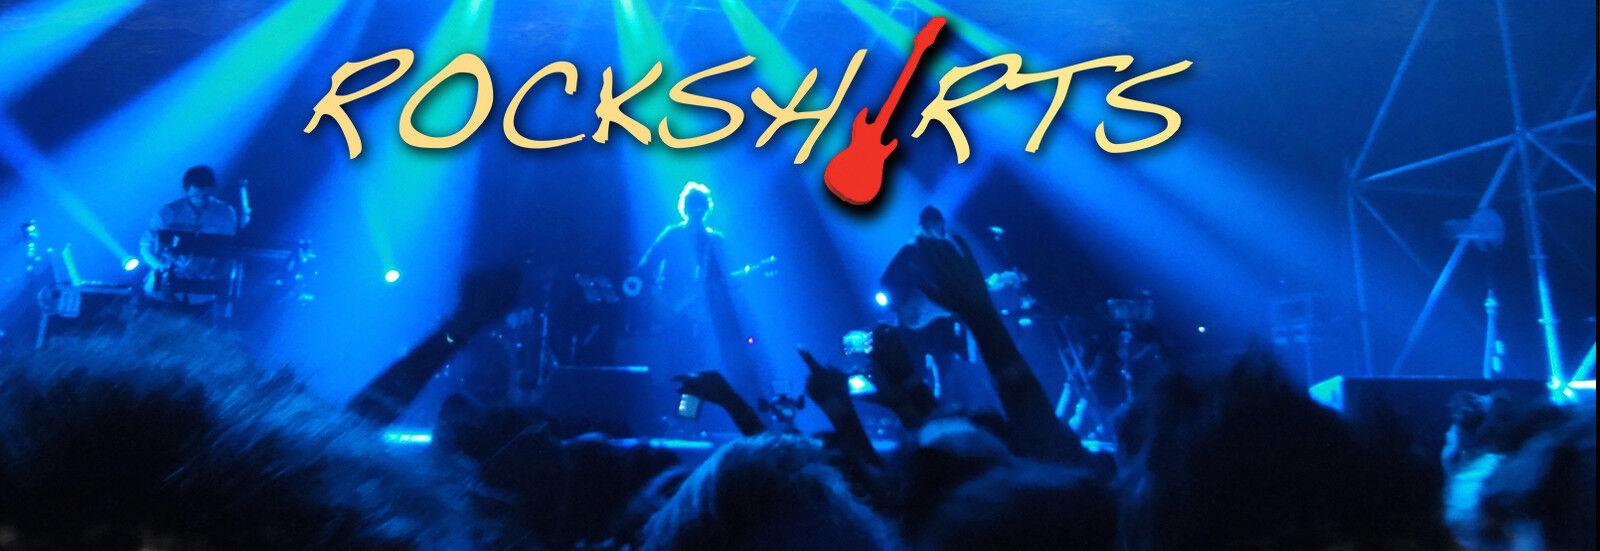 ROCKSHIRTS